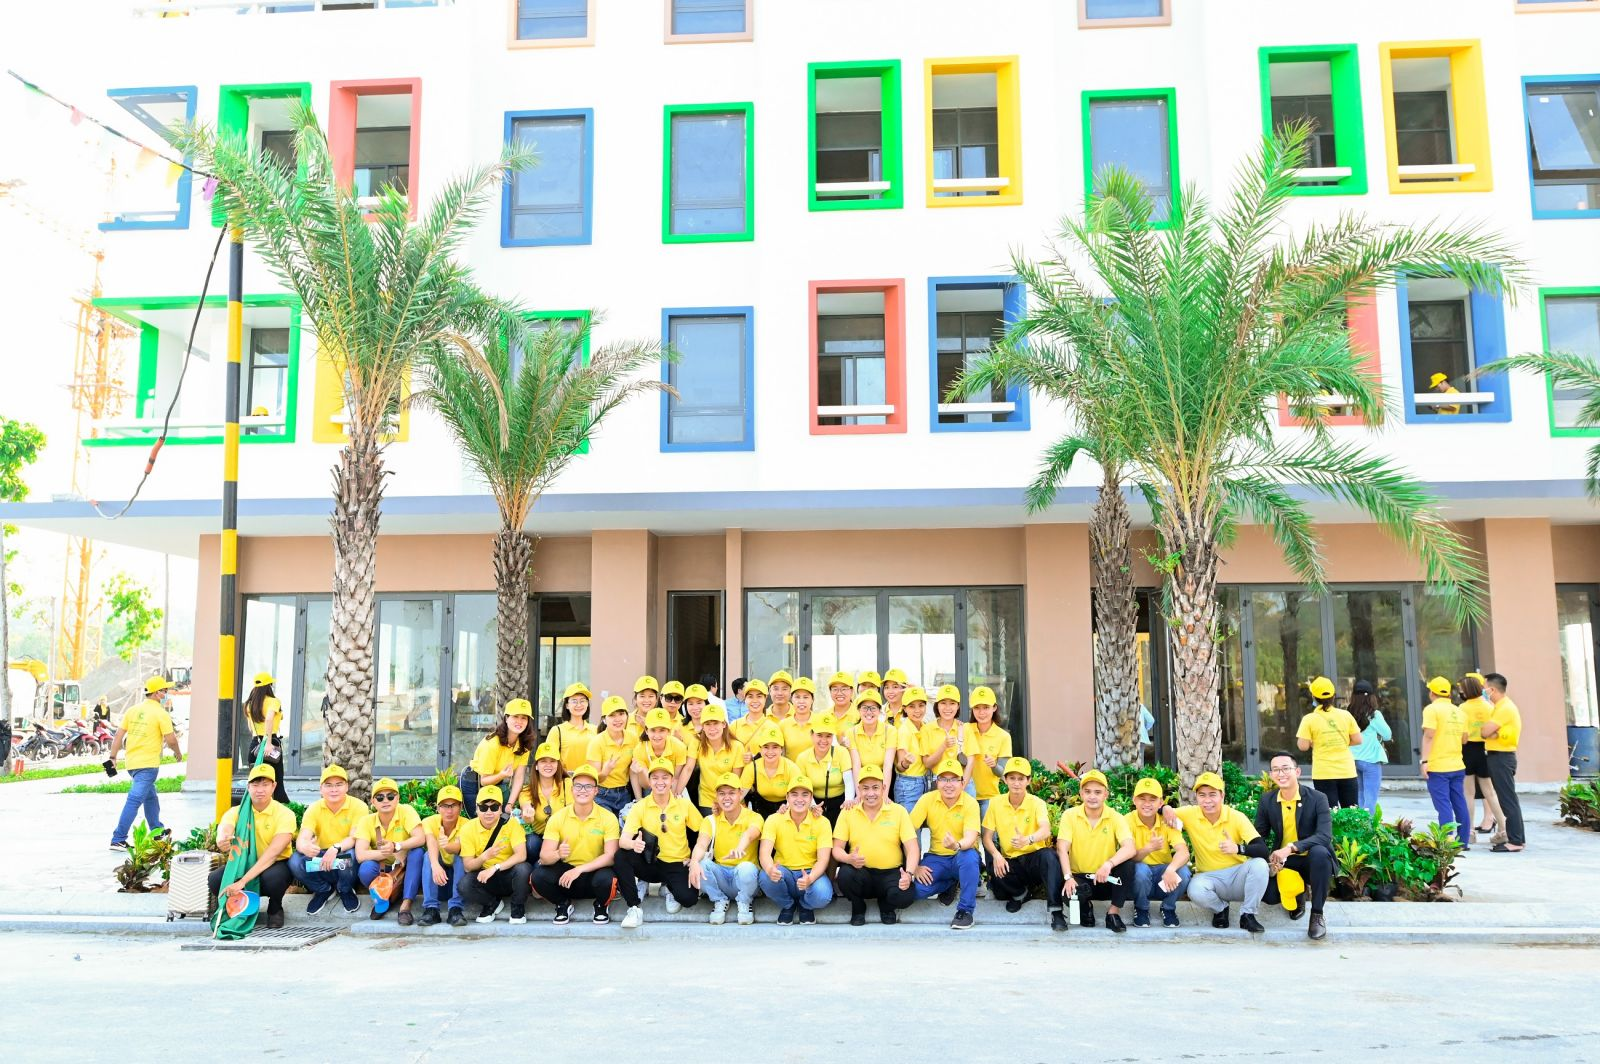 """Trực tiếp thăm nhà mẫu và Bãi Trường (cách dự án 100m) giúp các """"chiến binh"""" sales cảm nhận chân thực về Meyhomes Capital Phú Quốc"""